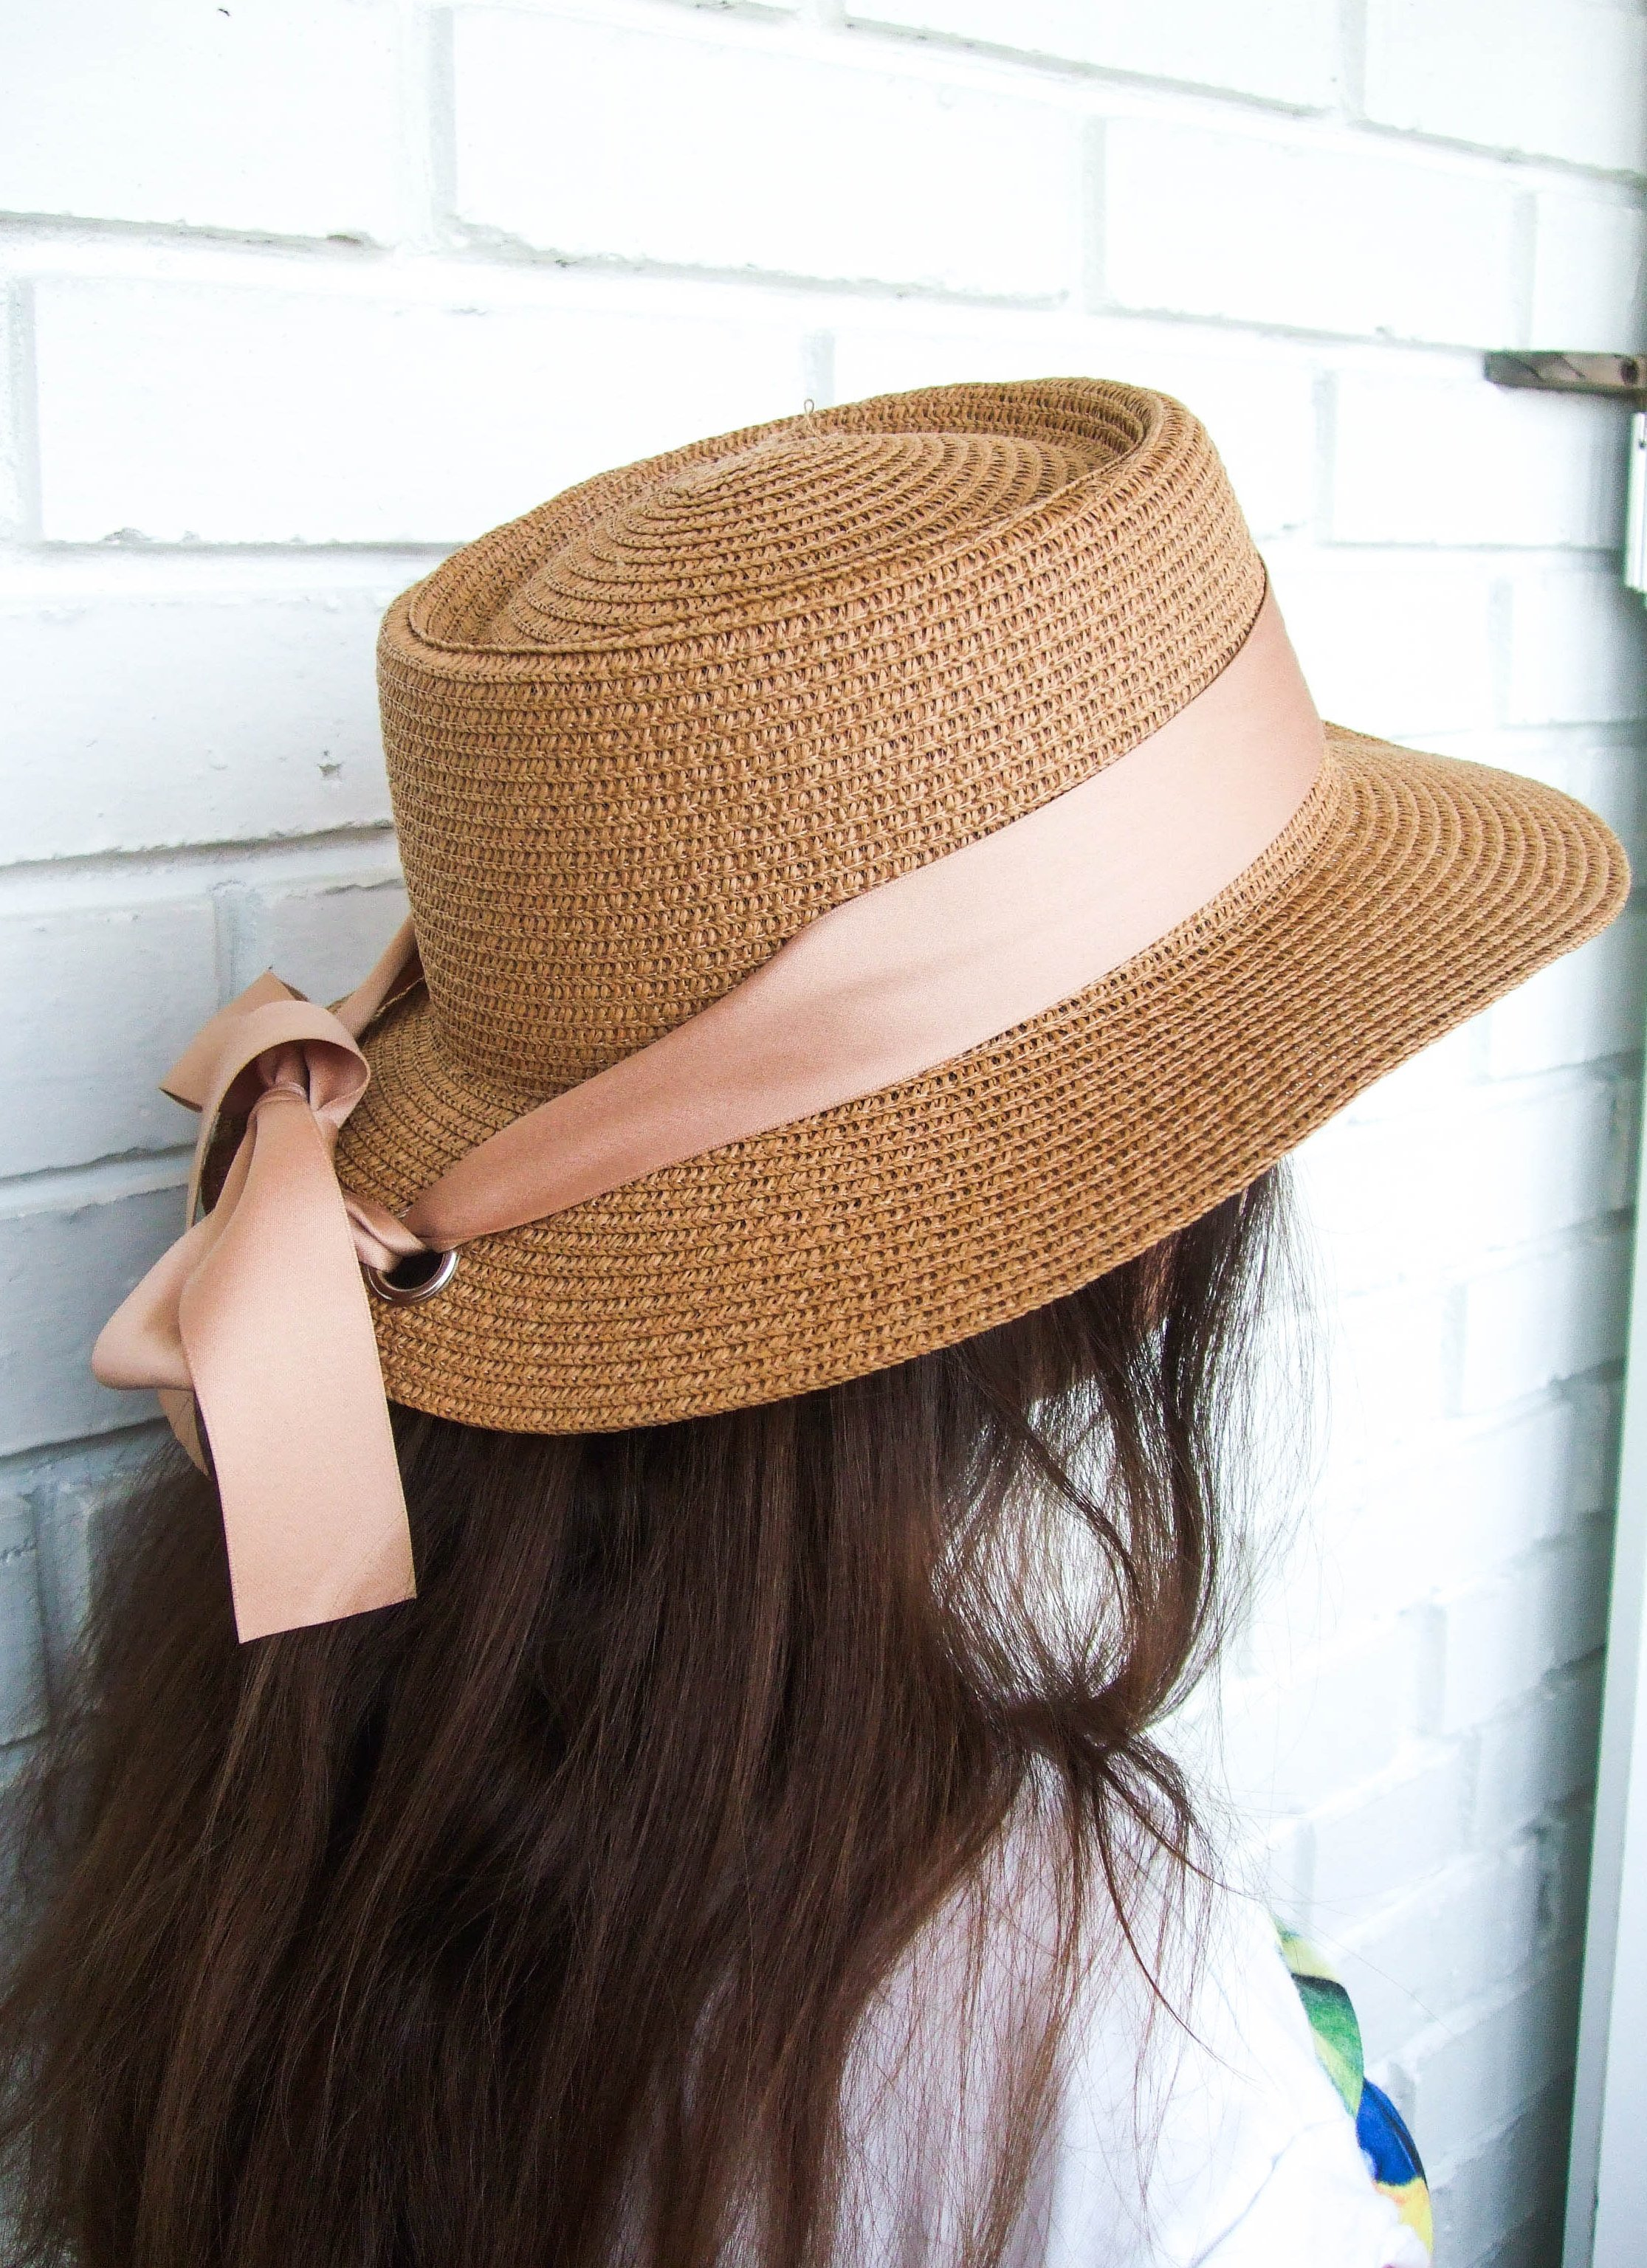 Шляпка с люверсами, которая очень понравилась - купить